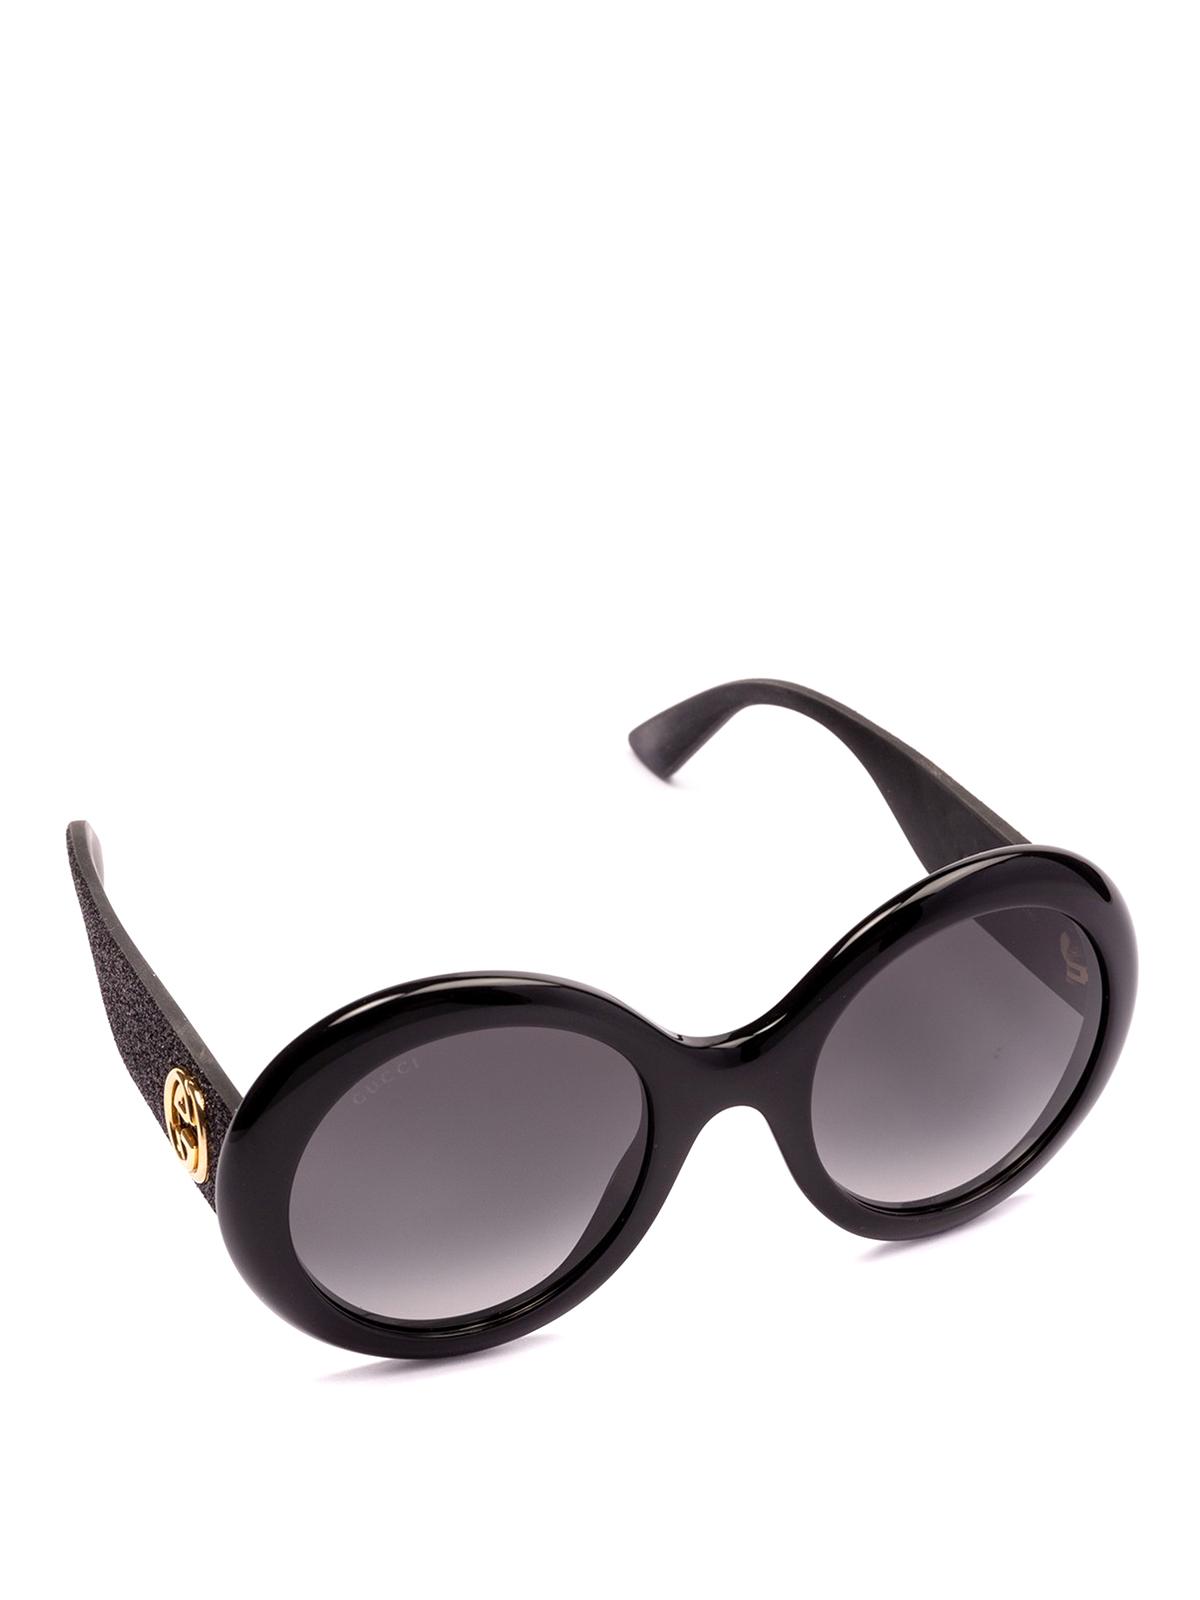 ffa31c09d2a Gucci - Glitter temples round sunglasses - sunglasses - GG0101S 001